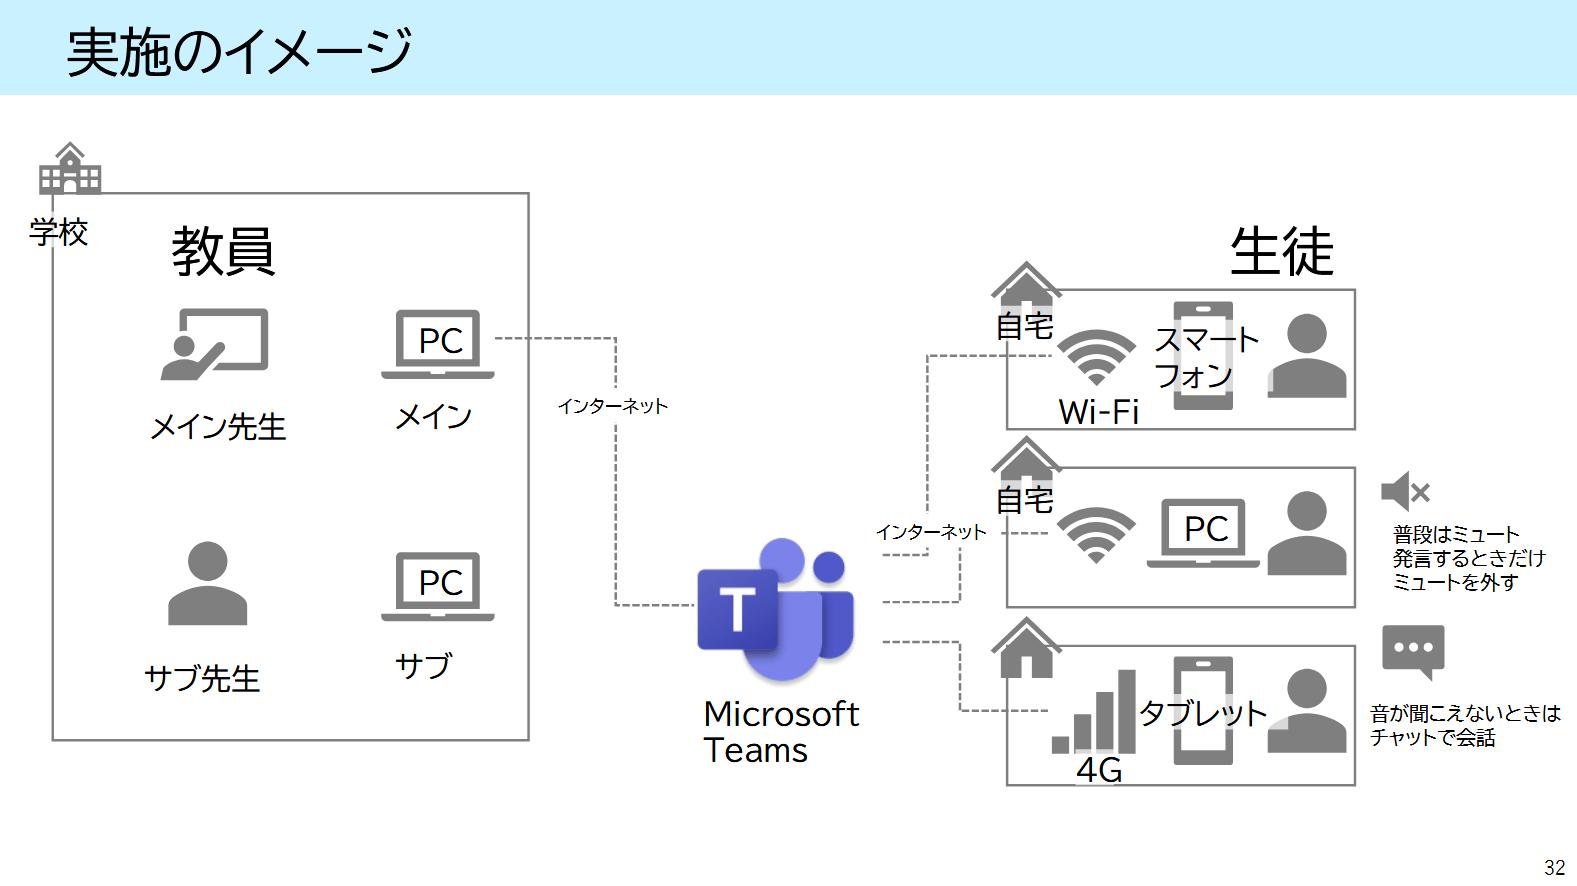 オンライン授業・オンライン通信教育にはiPad(+キーボード)が最適